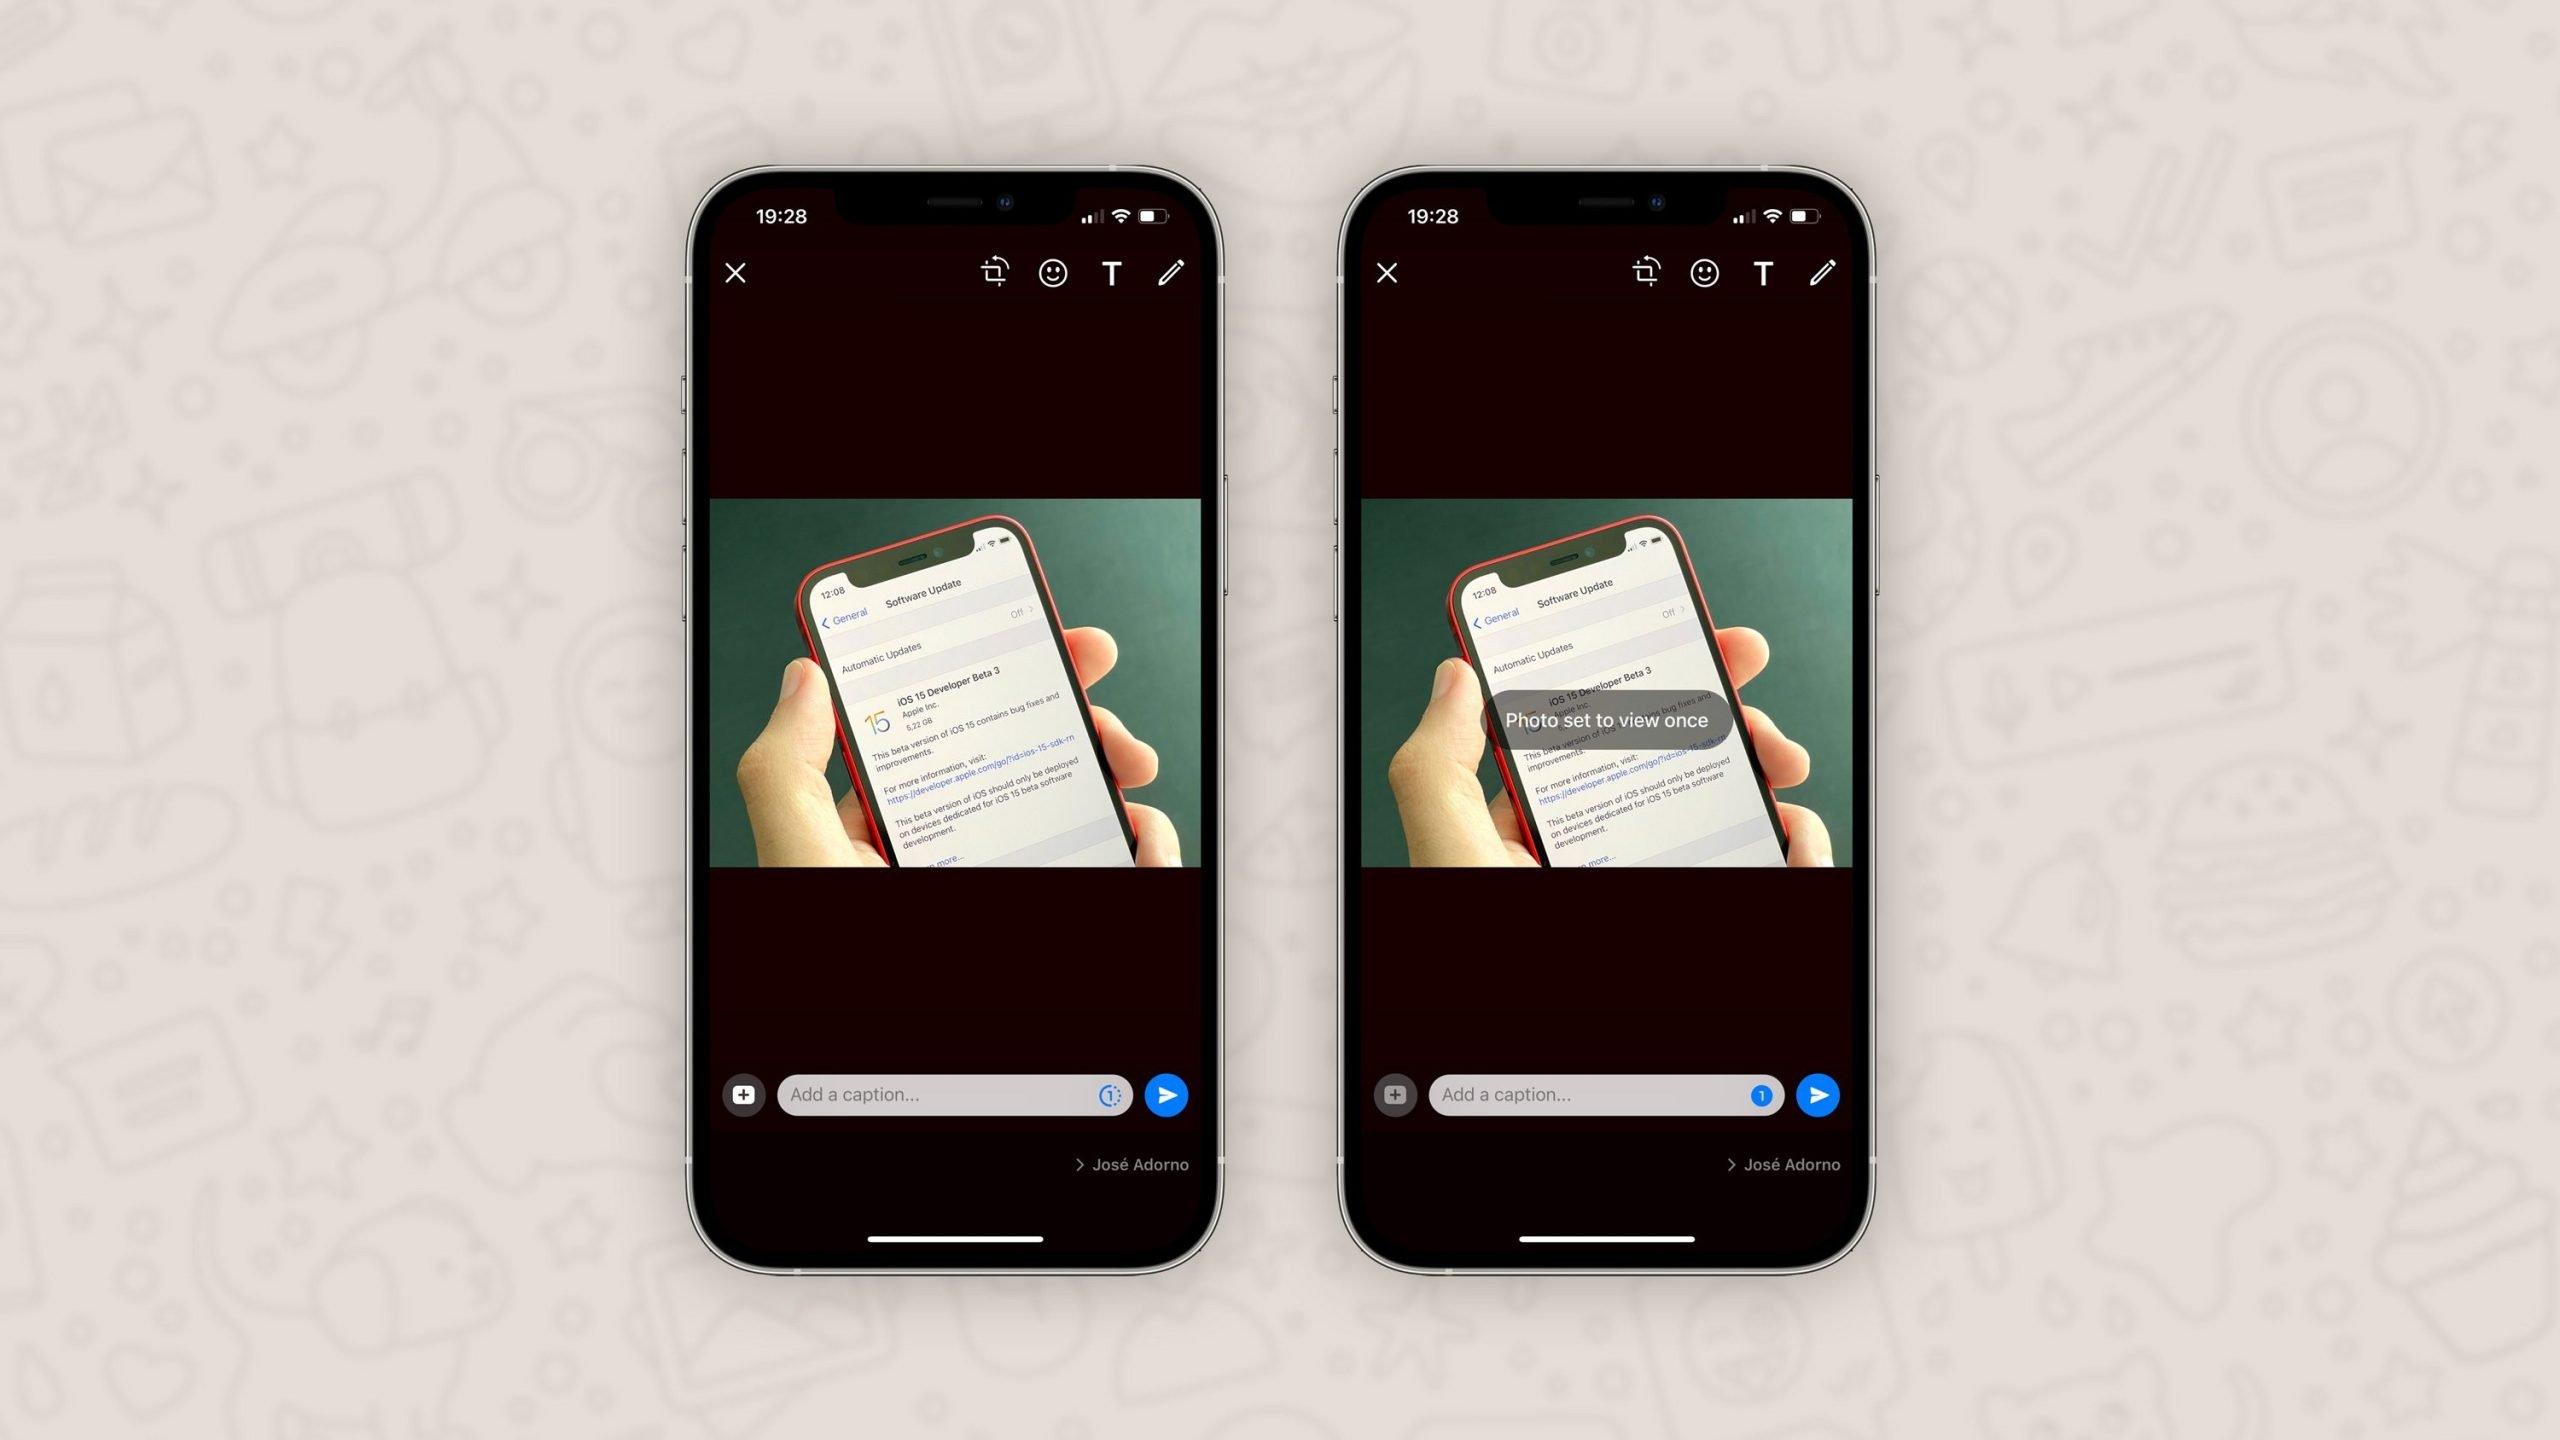 واتساپ با قابلیت «یک بار مشاهده» تصاویر و ویدیوها بروزرسانی شد